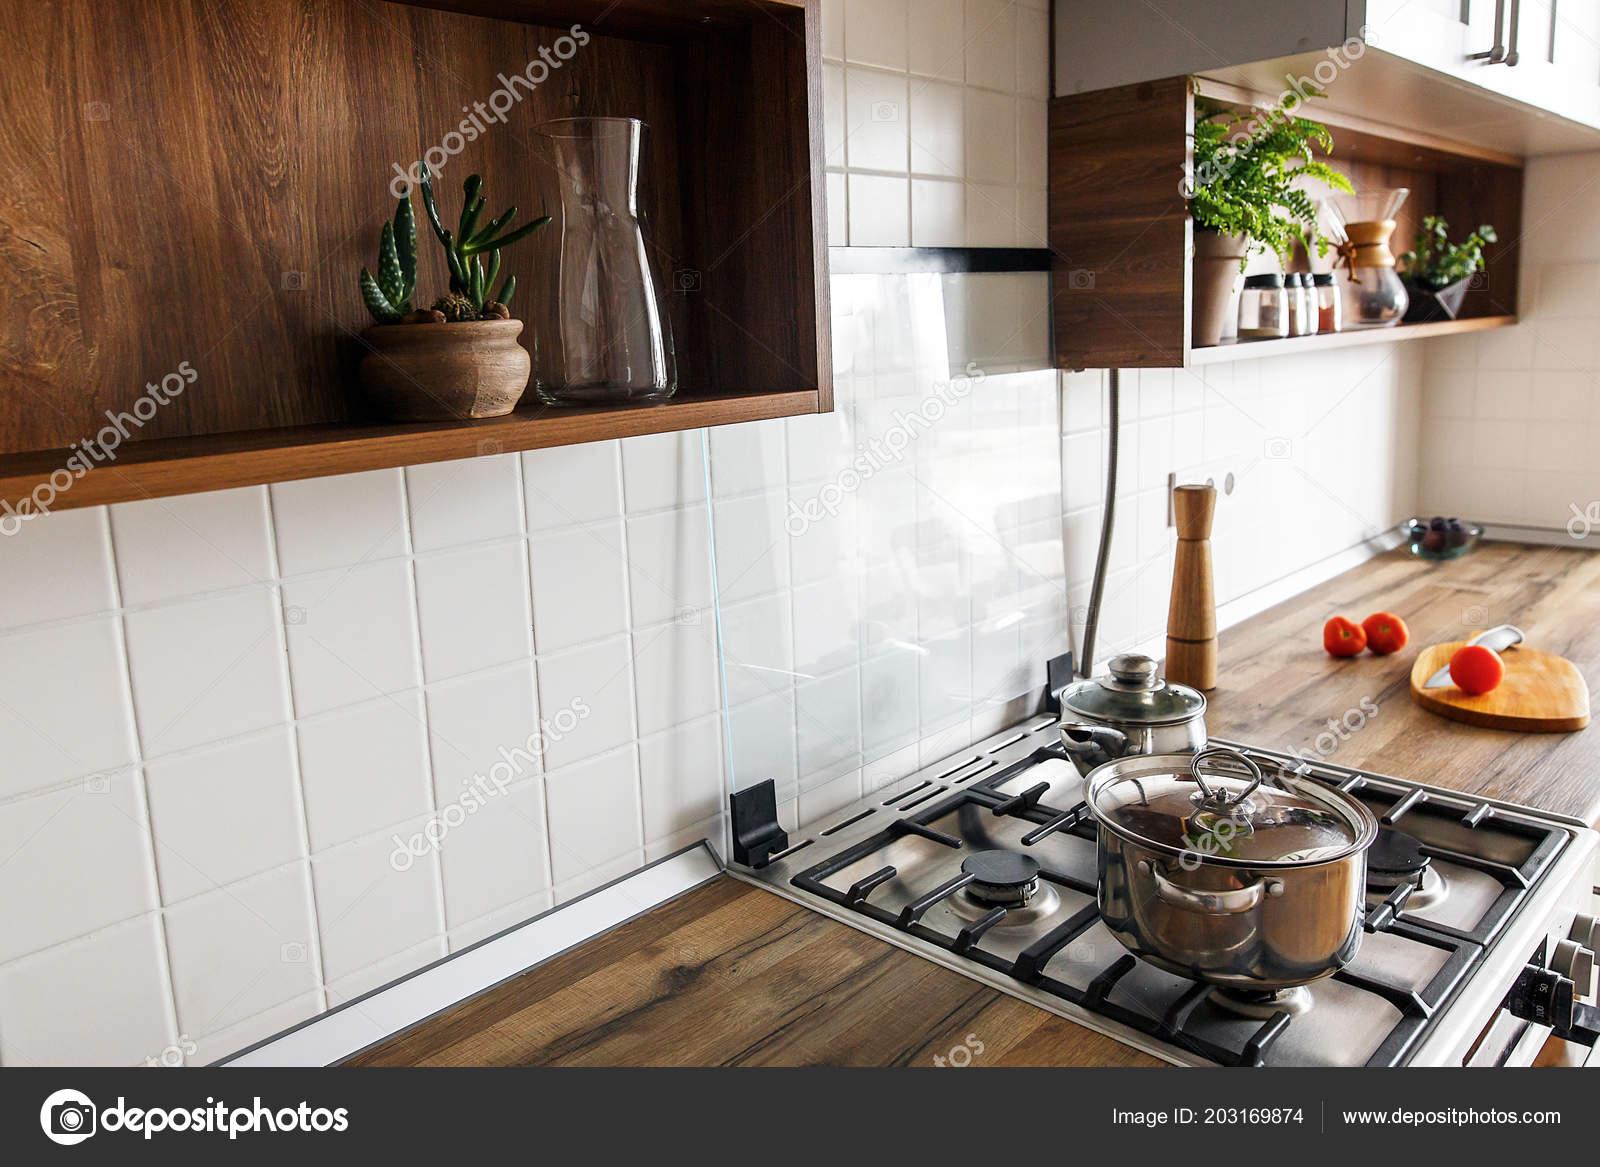 Koken voedsel houten plank met mes tomaten olijfolie moderne